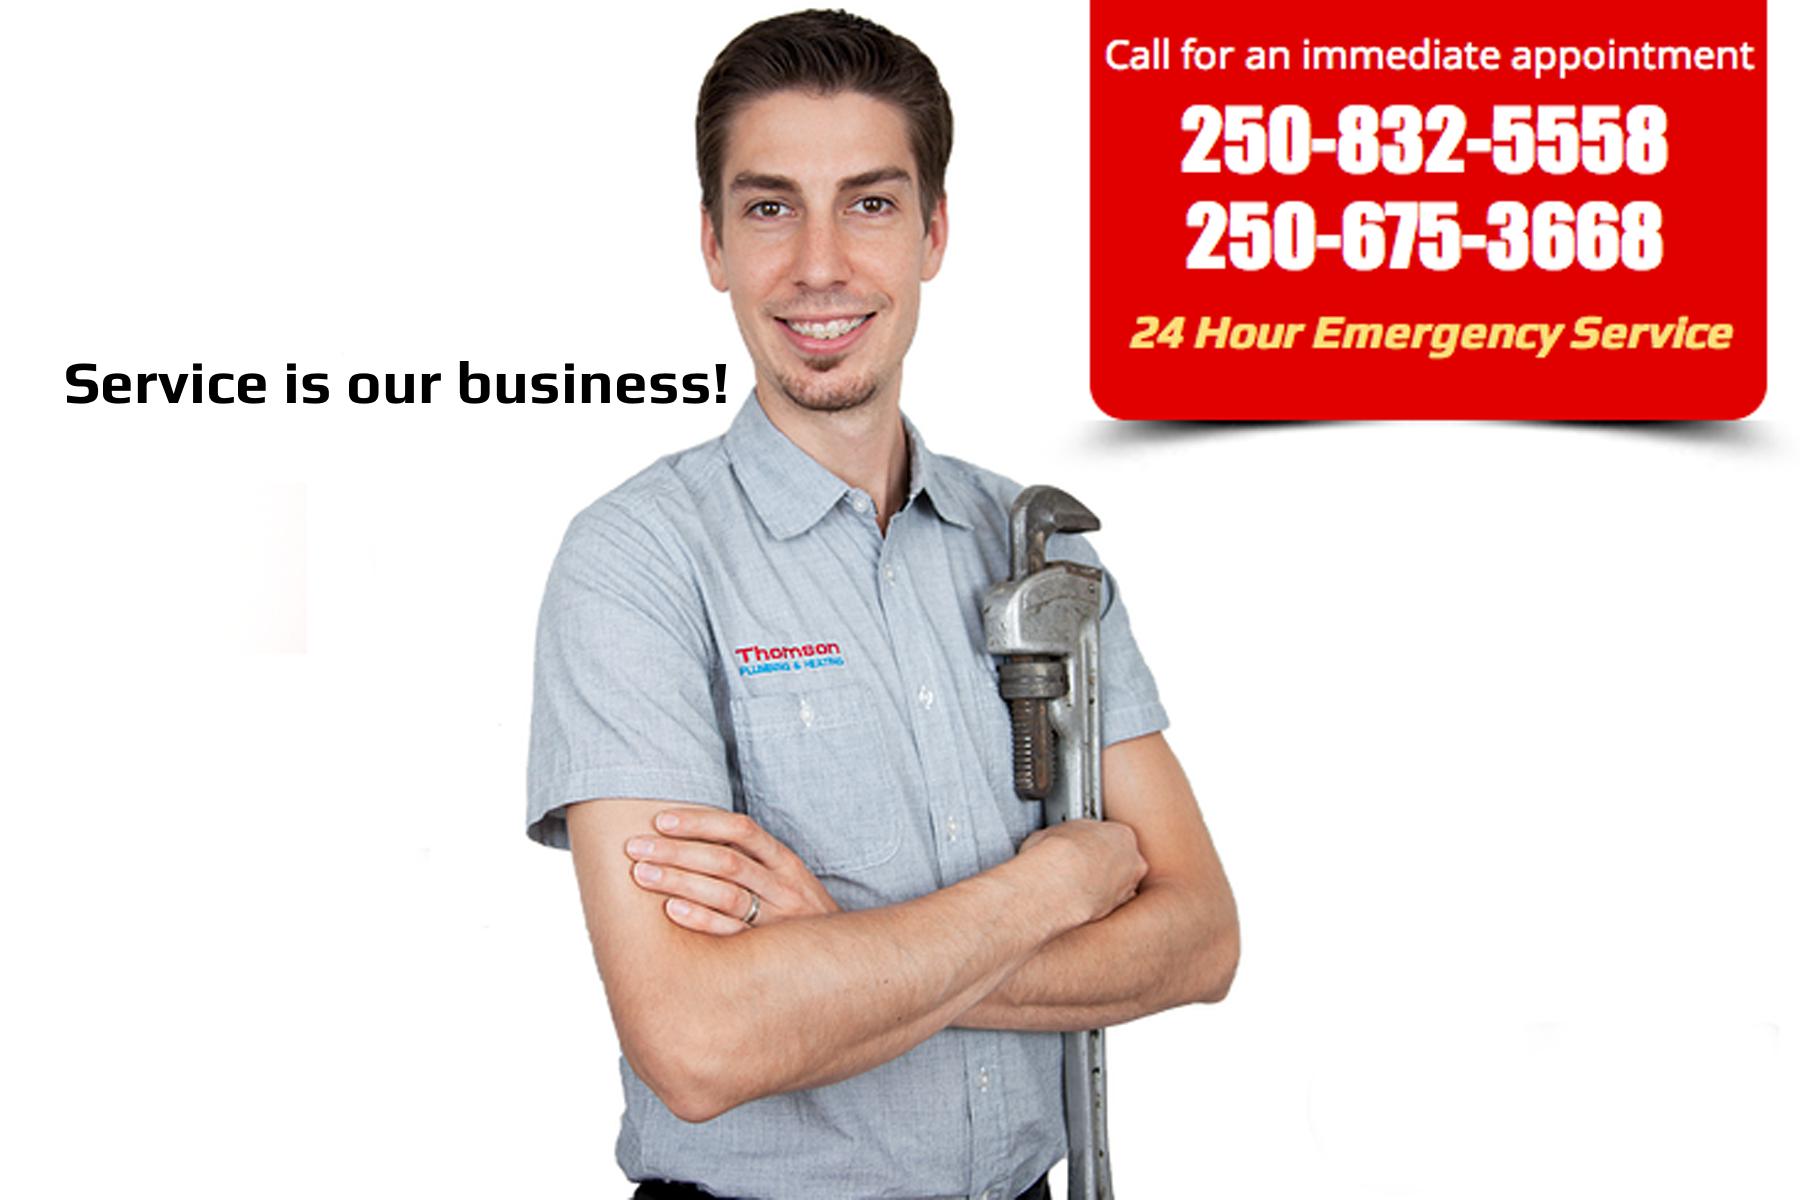 Thomson Plumbing & Heating - Entrepreneurs en climatisation - 250-832-5558